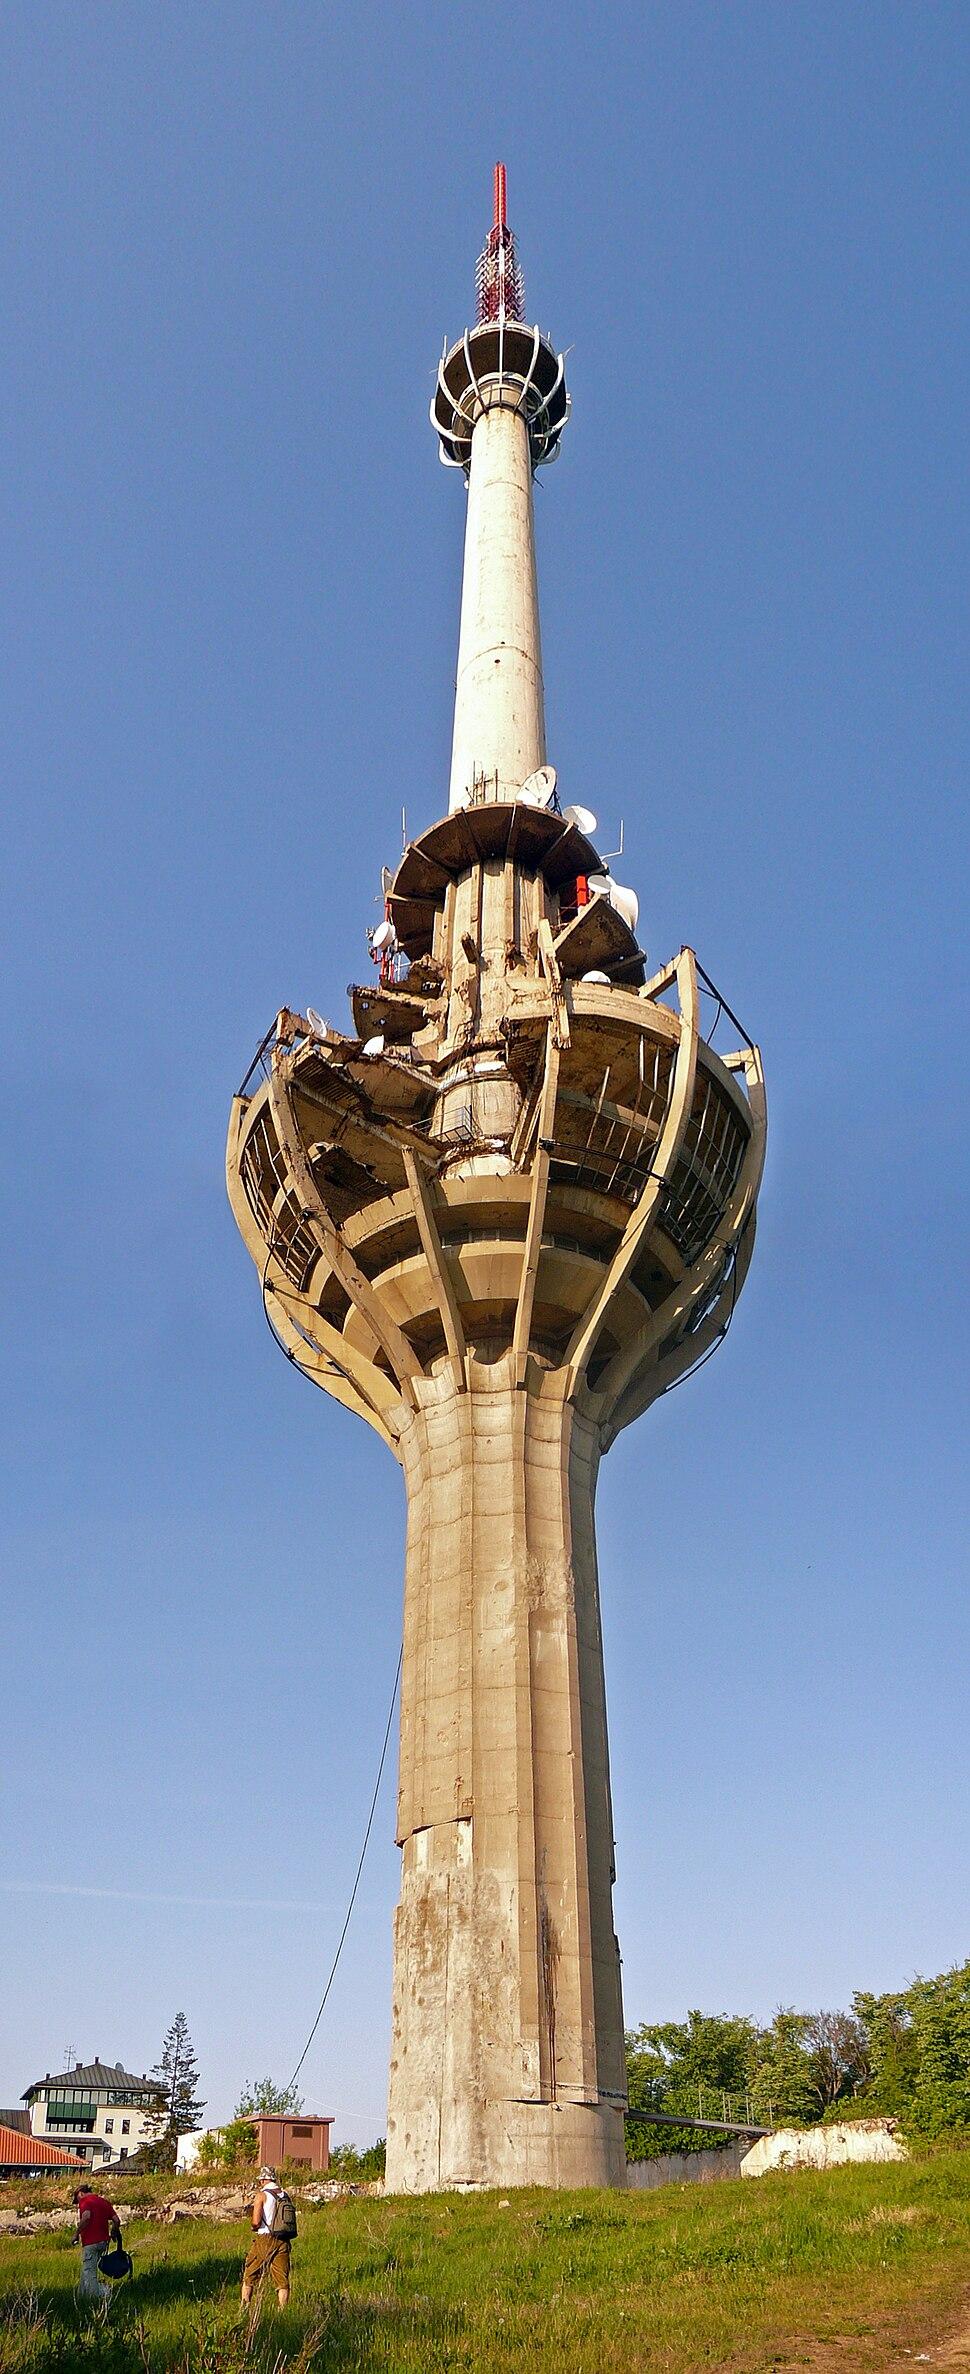 TV Tower on Iriški Venac